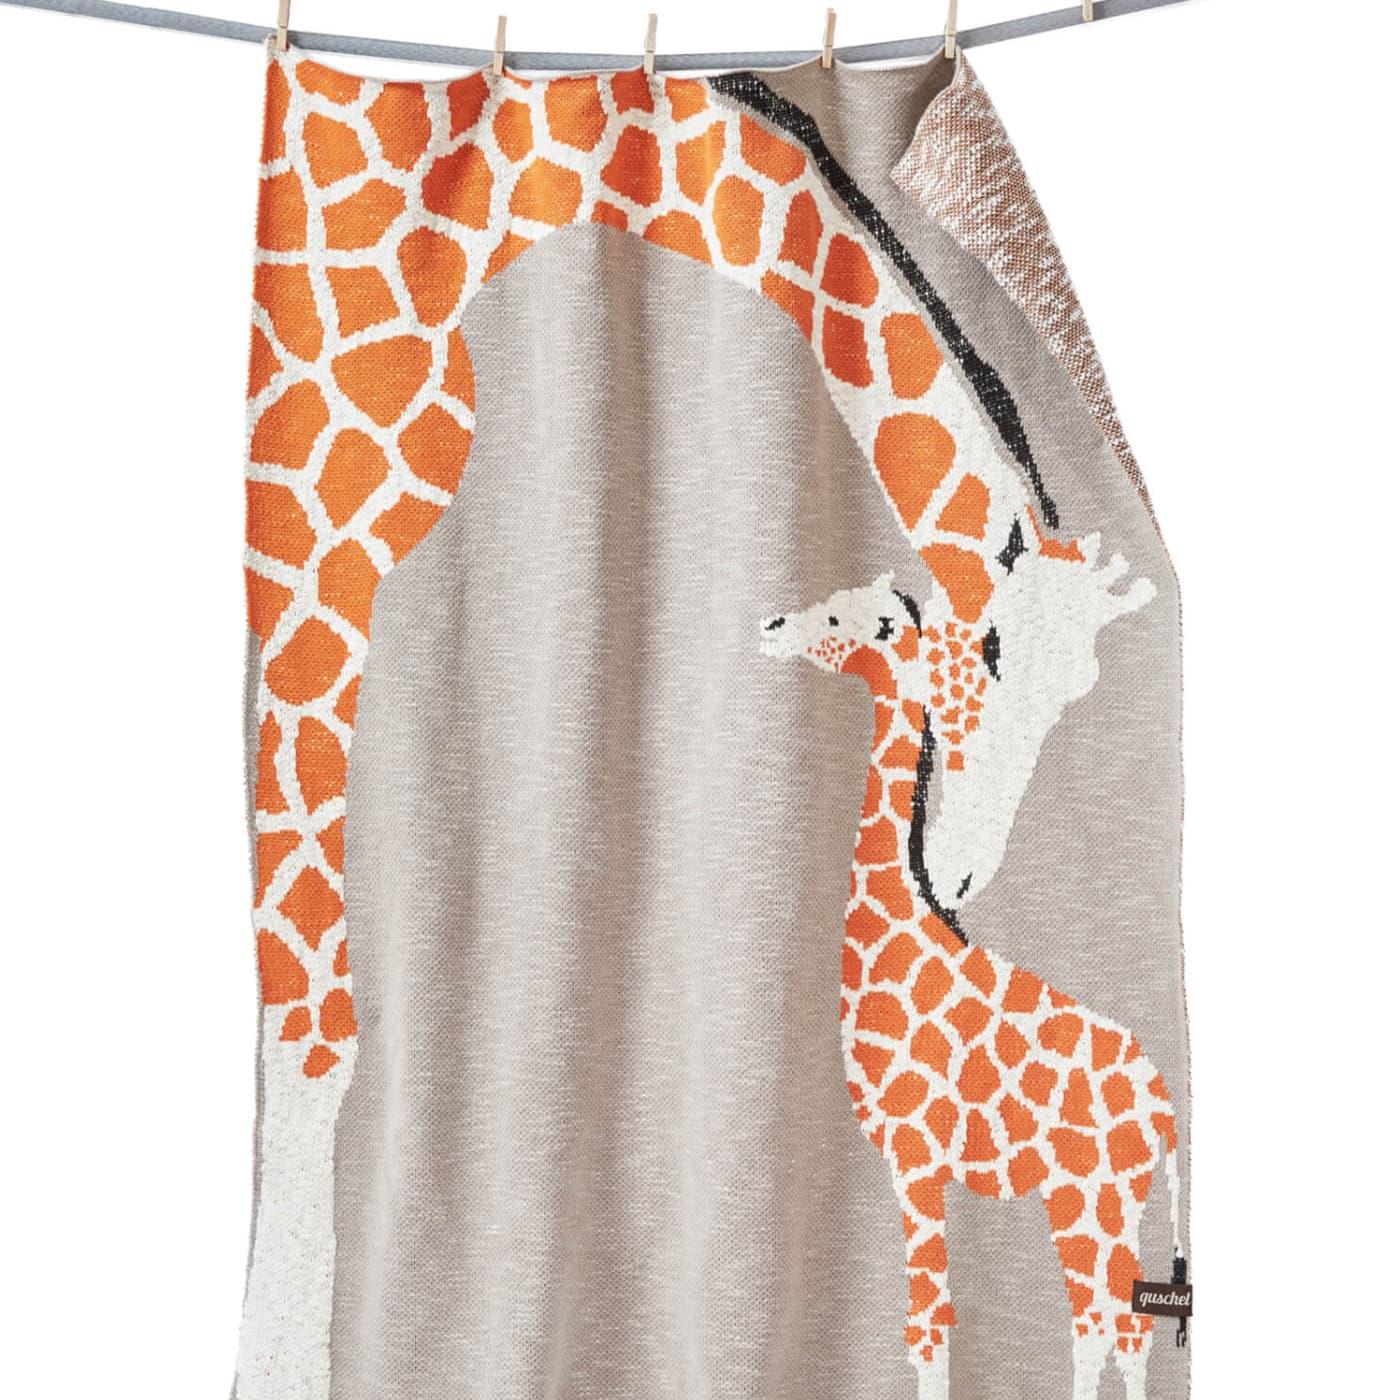 Schönes Geschenk für kleine Kinder: Kuscheldecke, Krabbeldecke Giraffenliebe von Quschels // HIMBEER